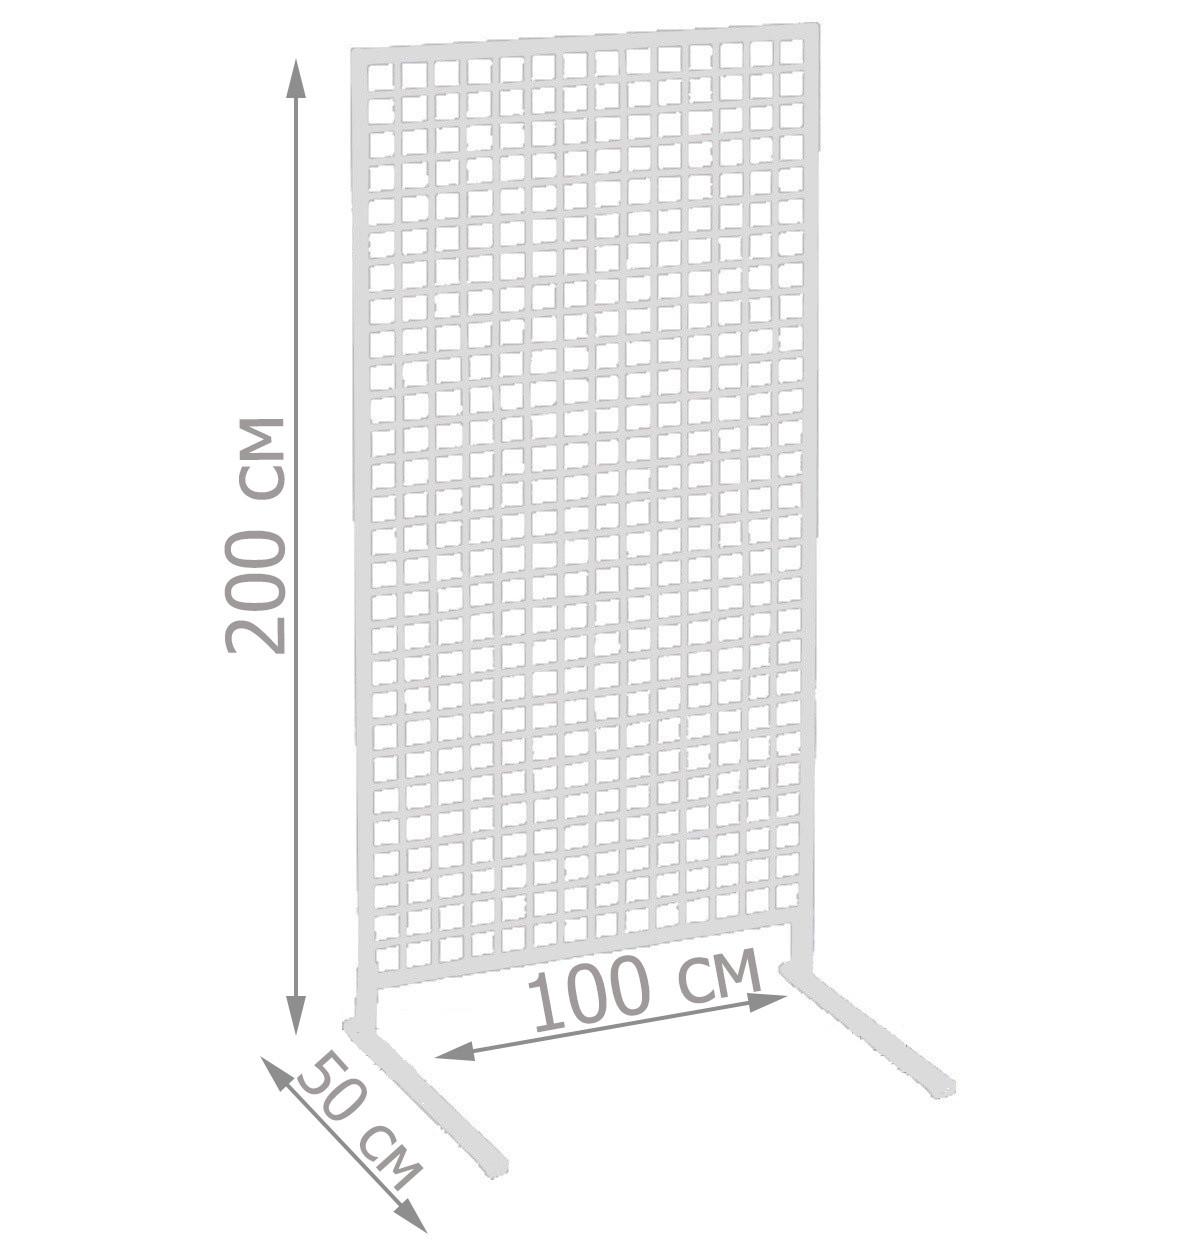 Торговая сетка стойка на ножках 200/100см профиль 20х20 мм (от производителя оптом и в розницу)